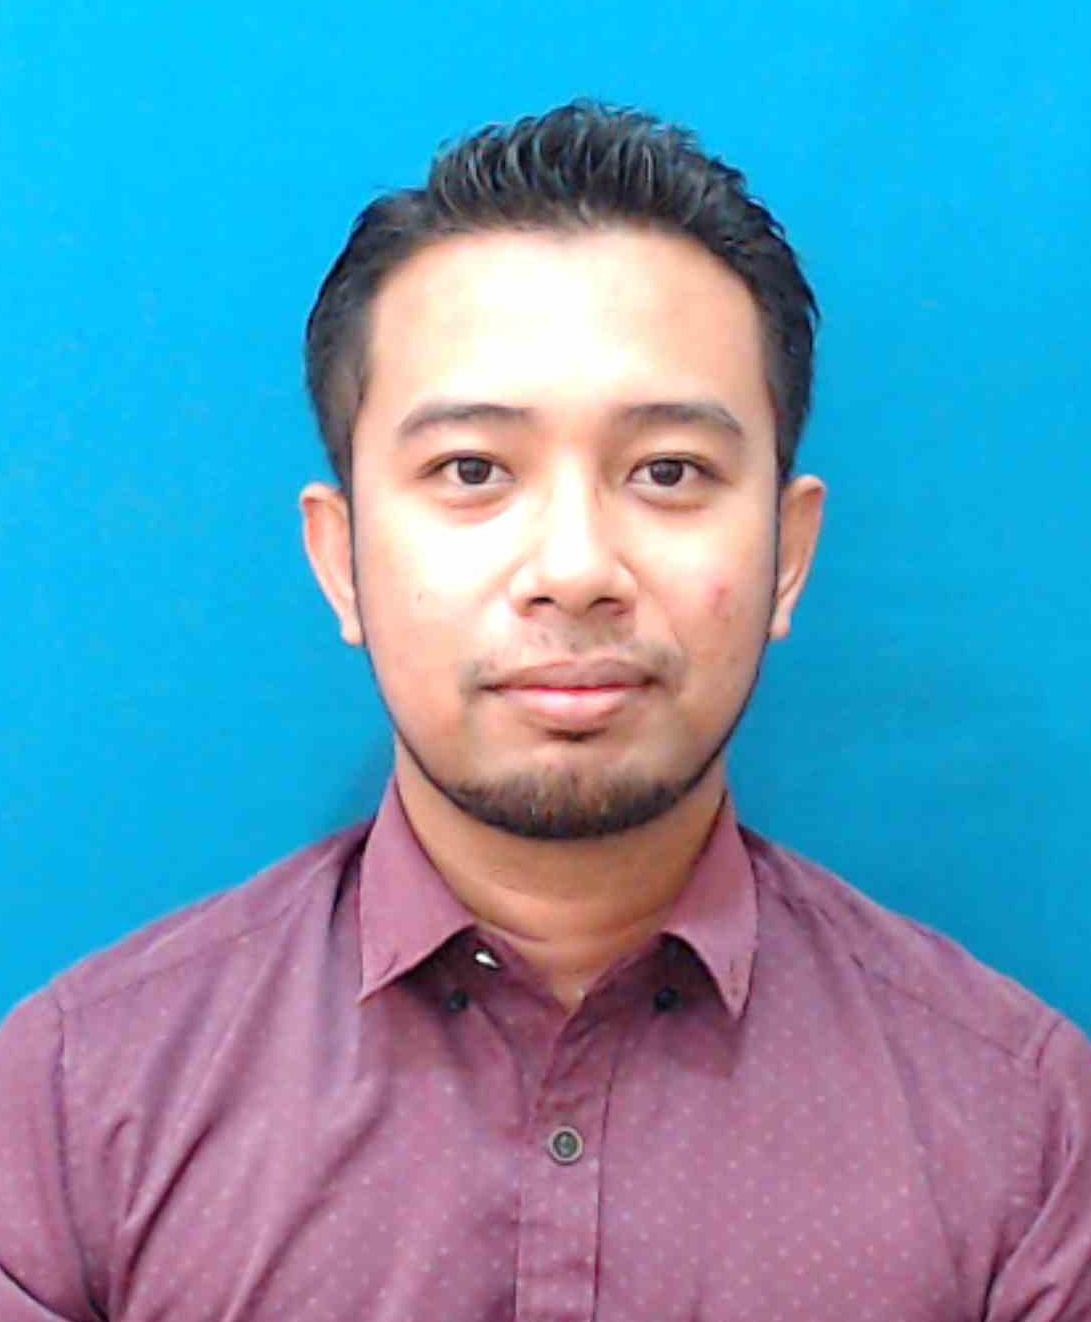 Mohammad Romaizwar Bin Mohd Jamaludin